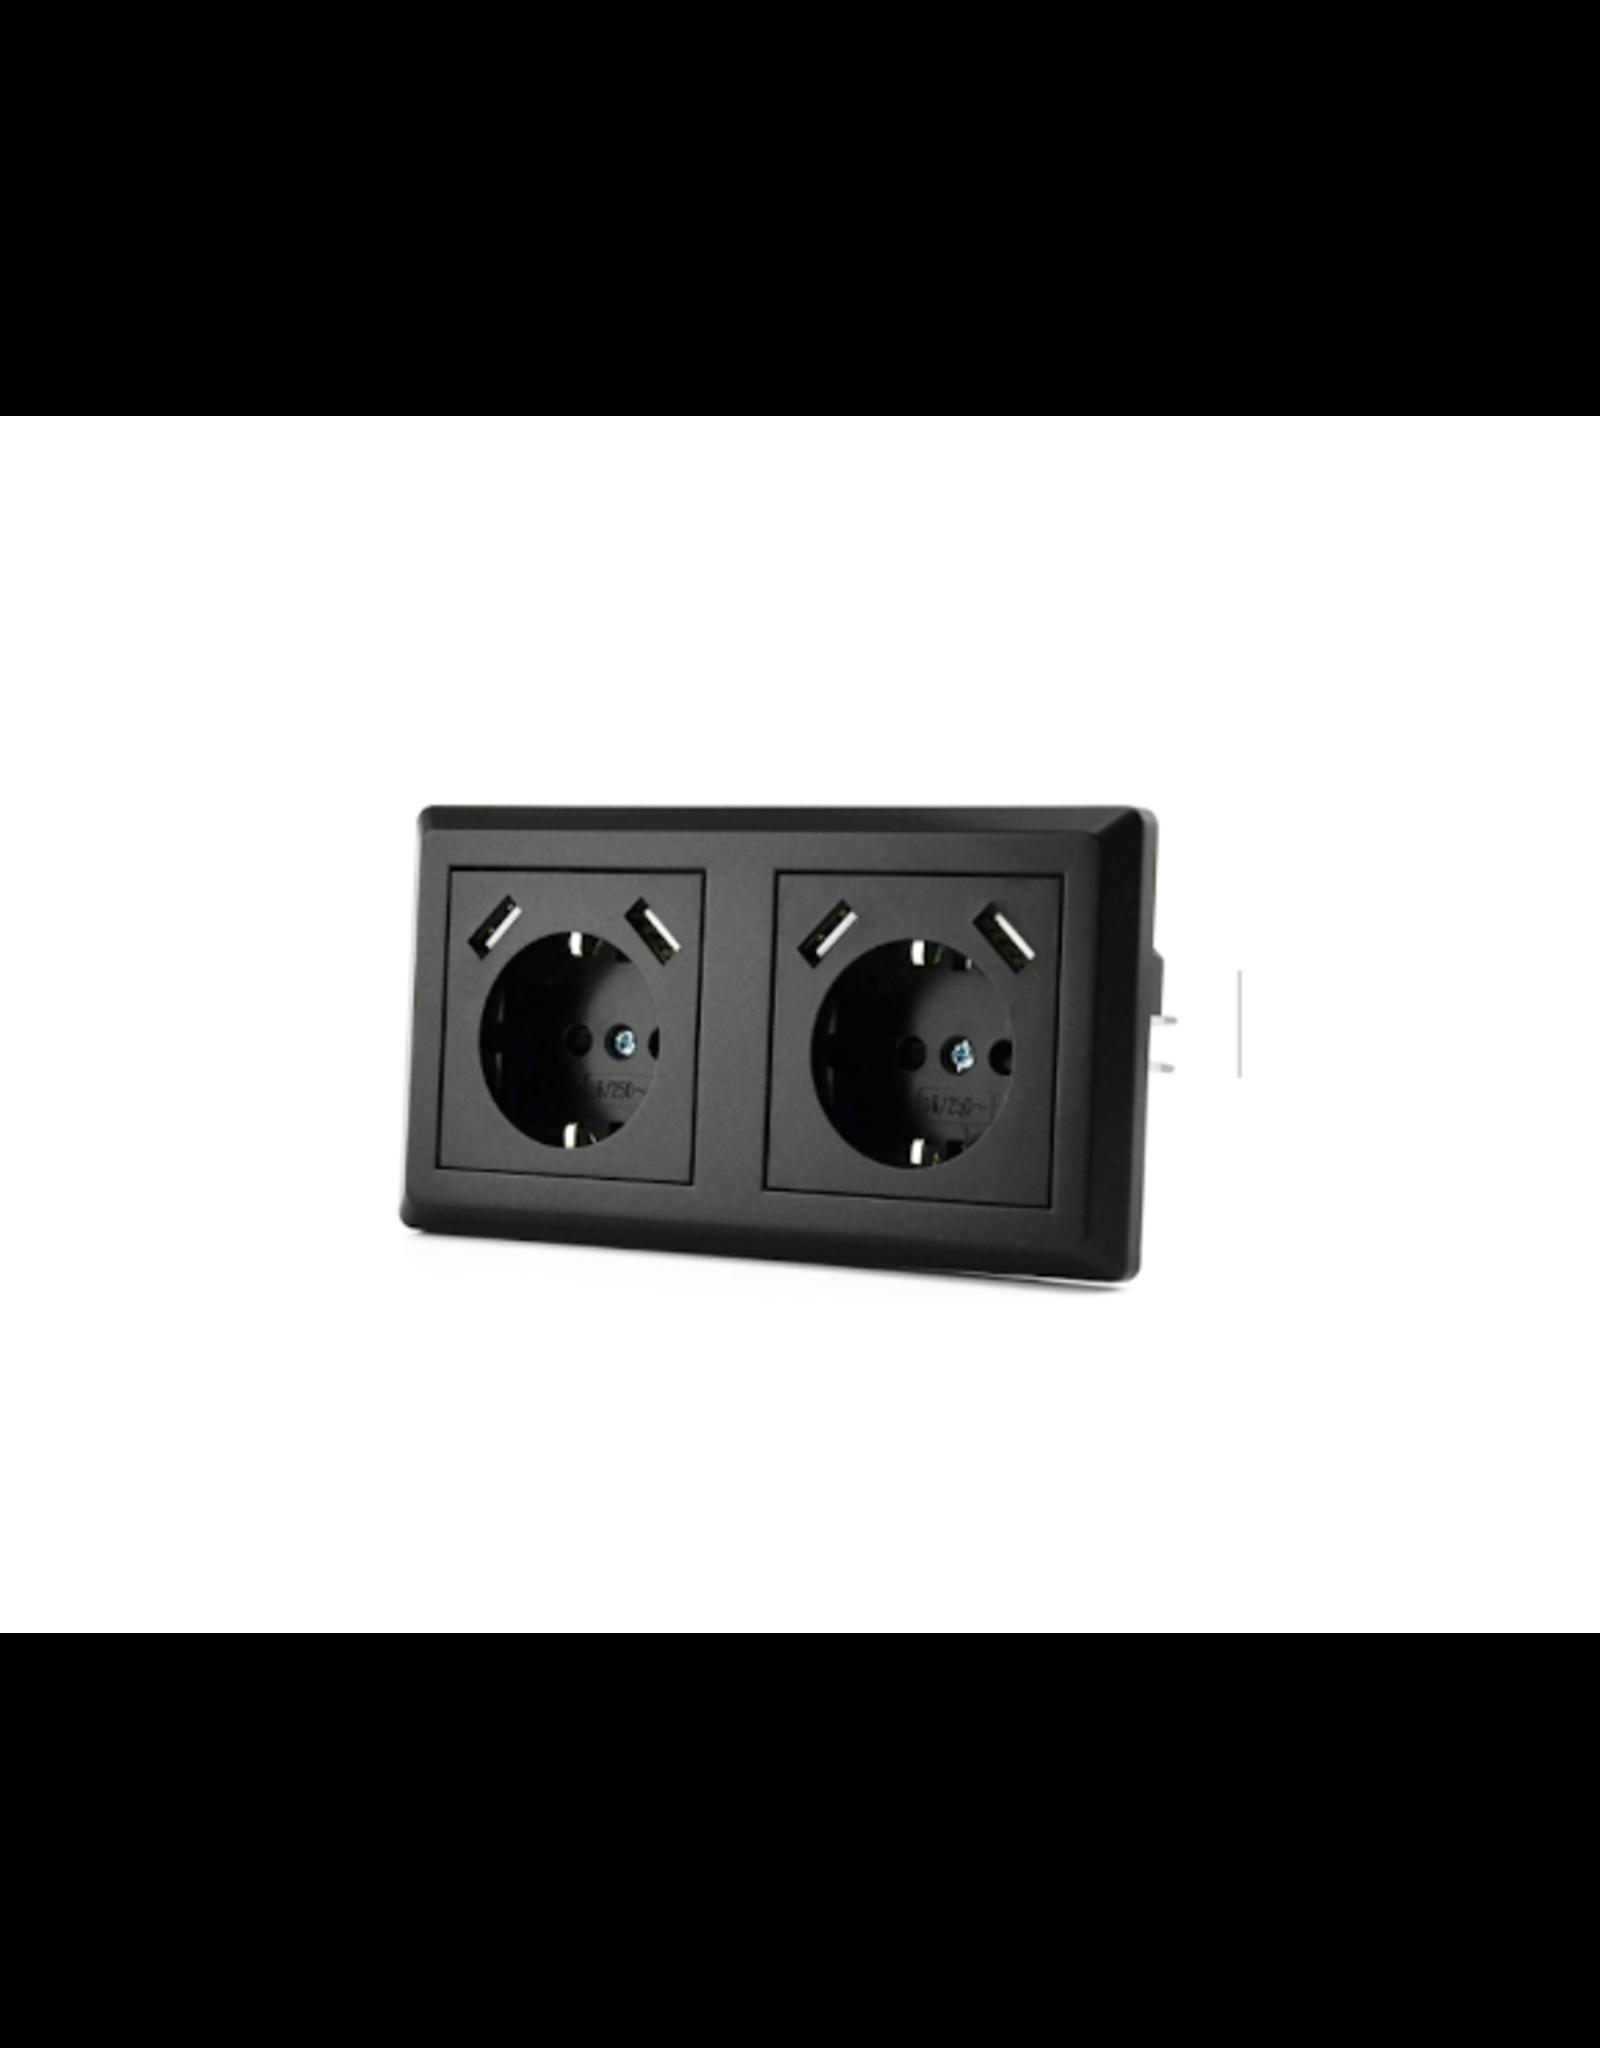 CoshX® CoshX®, dubbel usb stopcontact, dubbele inbouw wanddoos usb